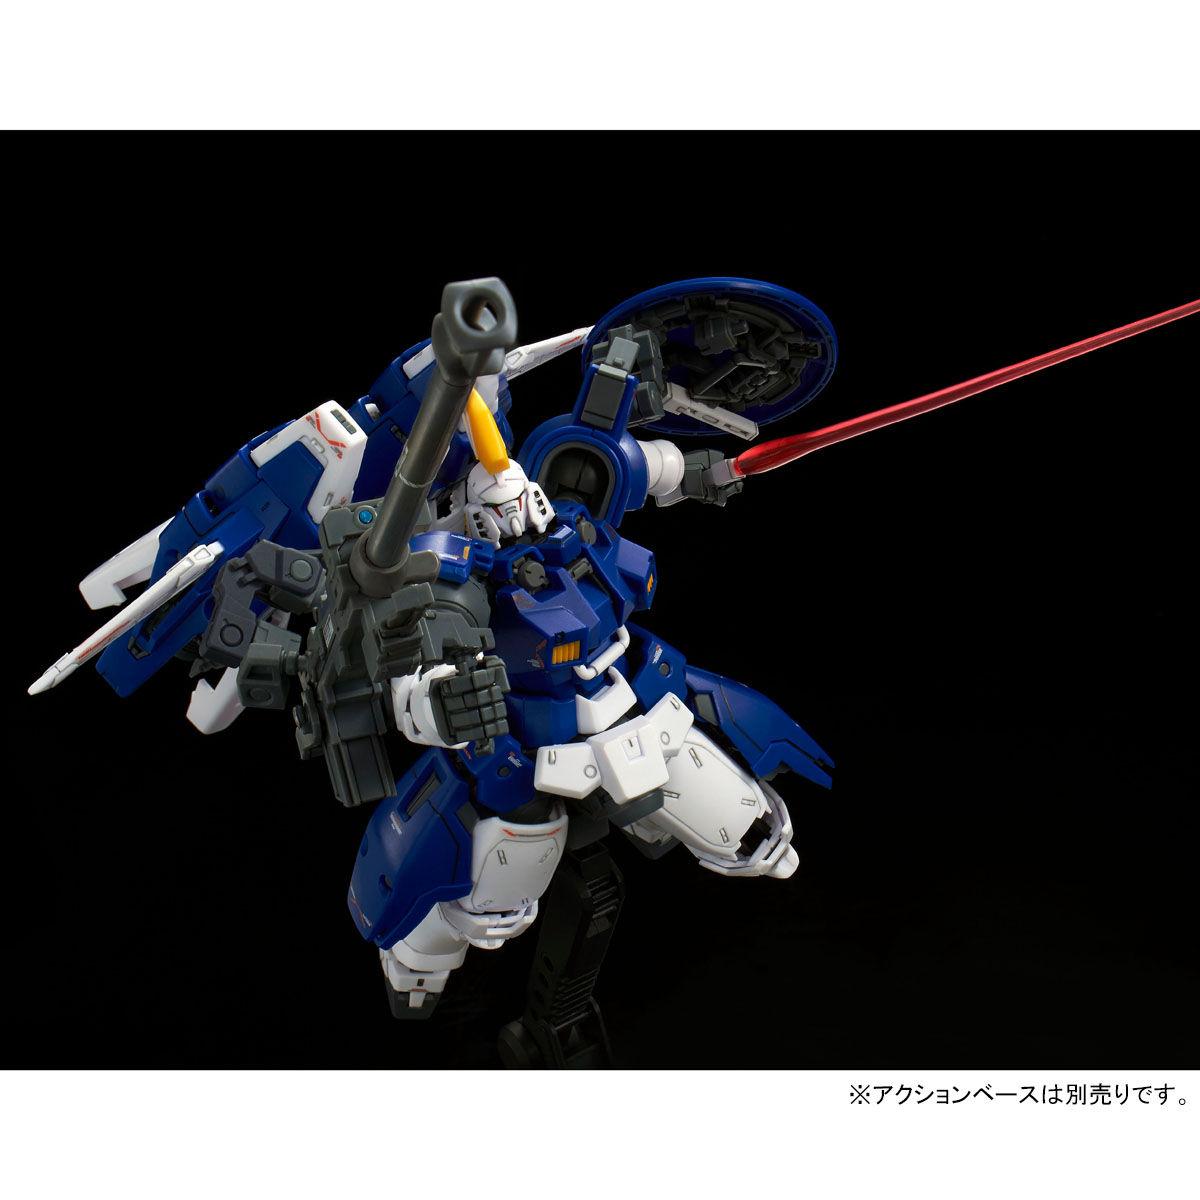 RG 『新機動戦記ガンダムW』 1/144 トールギスII プラモデル